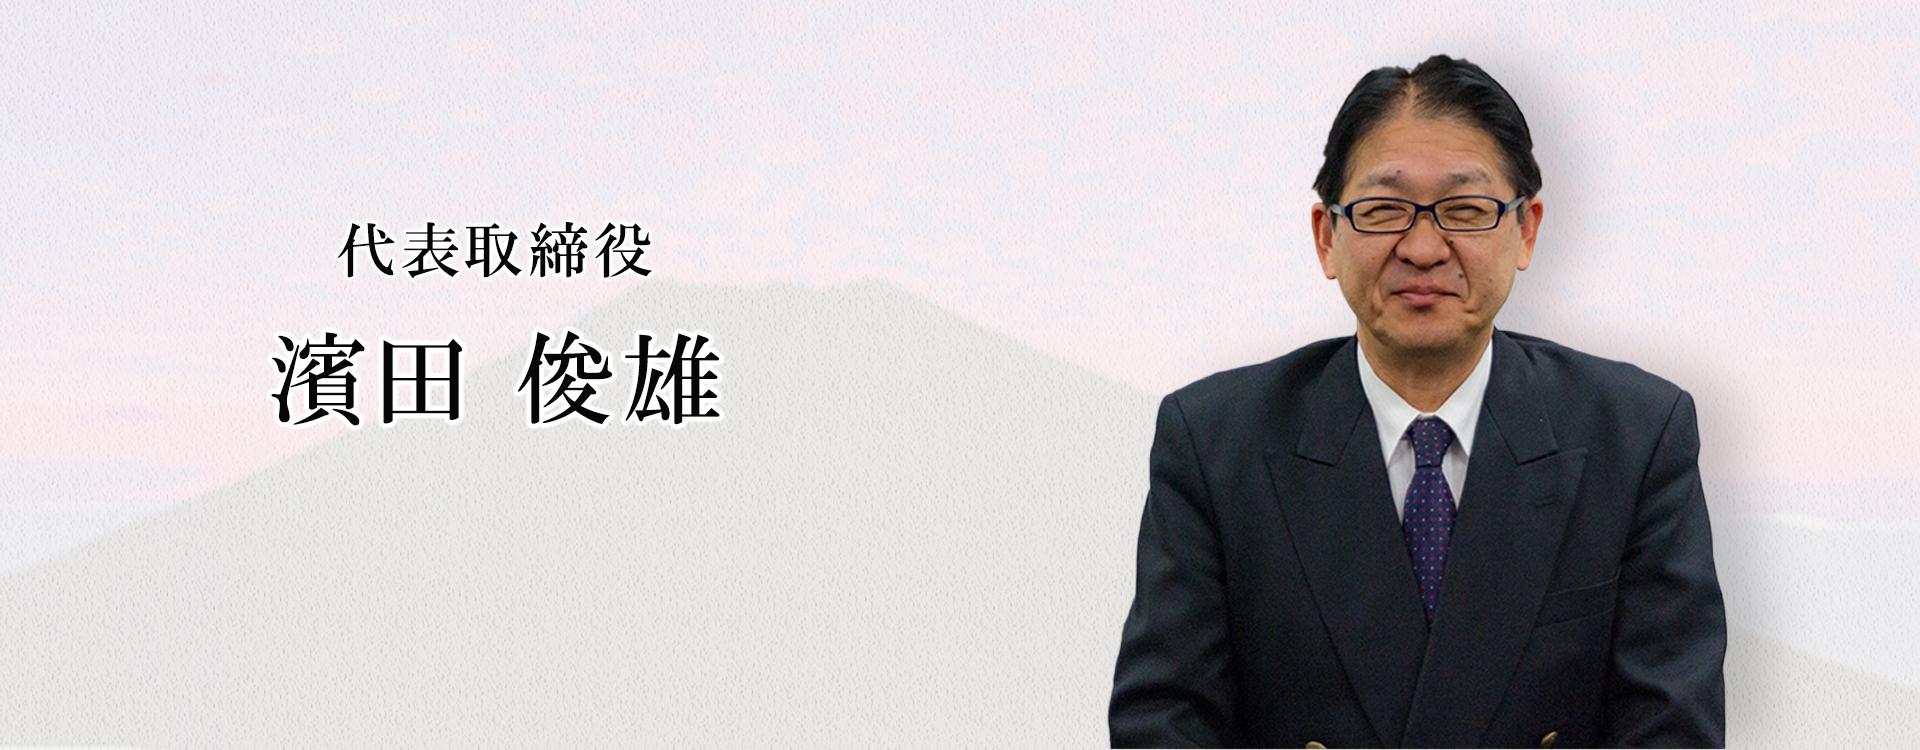 代表取締役 濱田俊雄